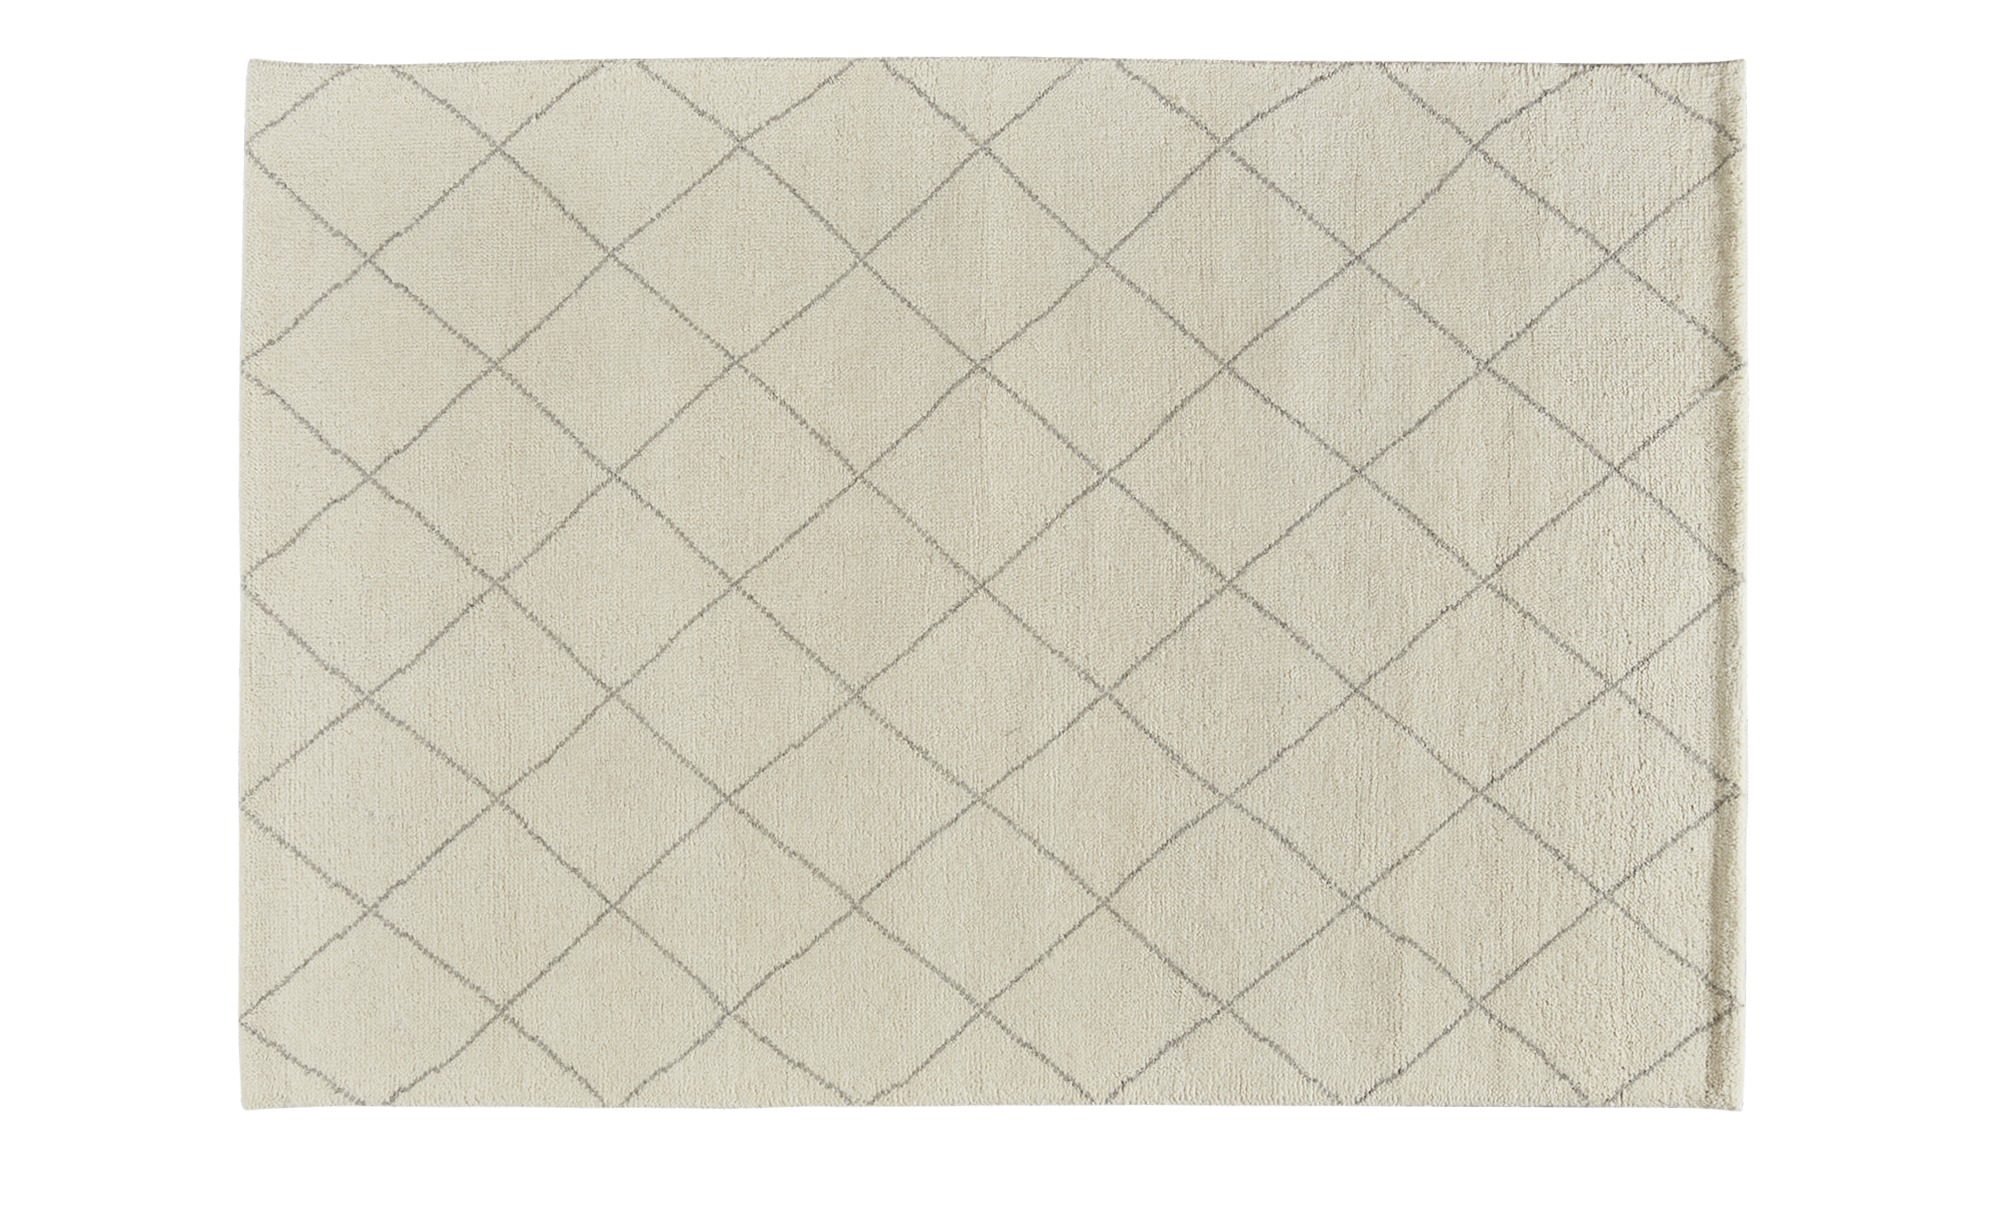 Berber-Teppich  Marrakesh Design simple - weiß - reine Wolle - 120 cm - Teppiche > Wohnteppiche - Möbel Kraft   Heimtextilien > Teppiche > Berberteppiche   Sconto